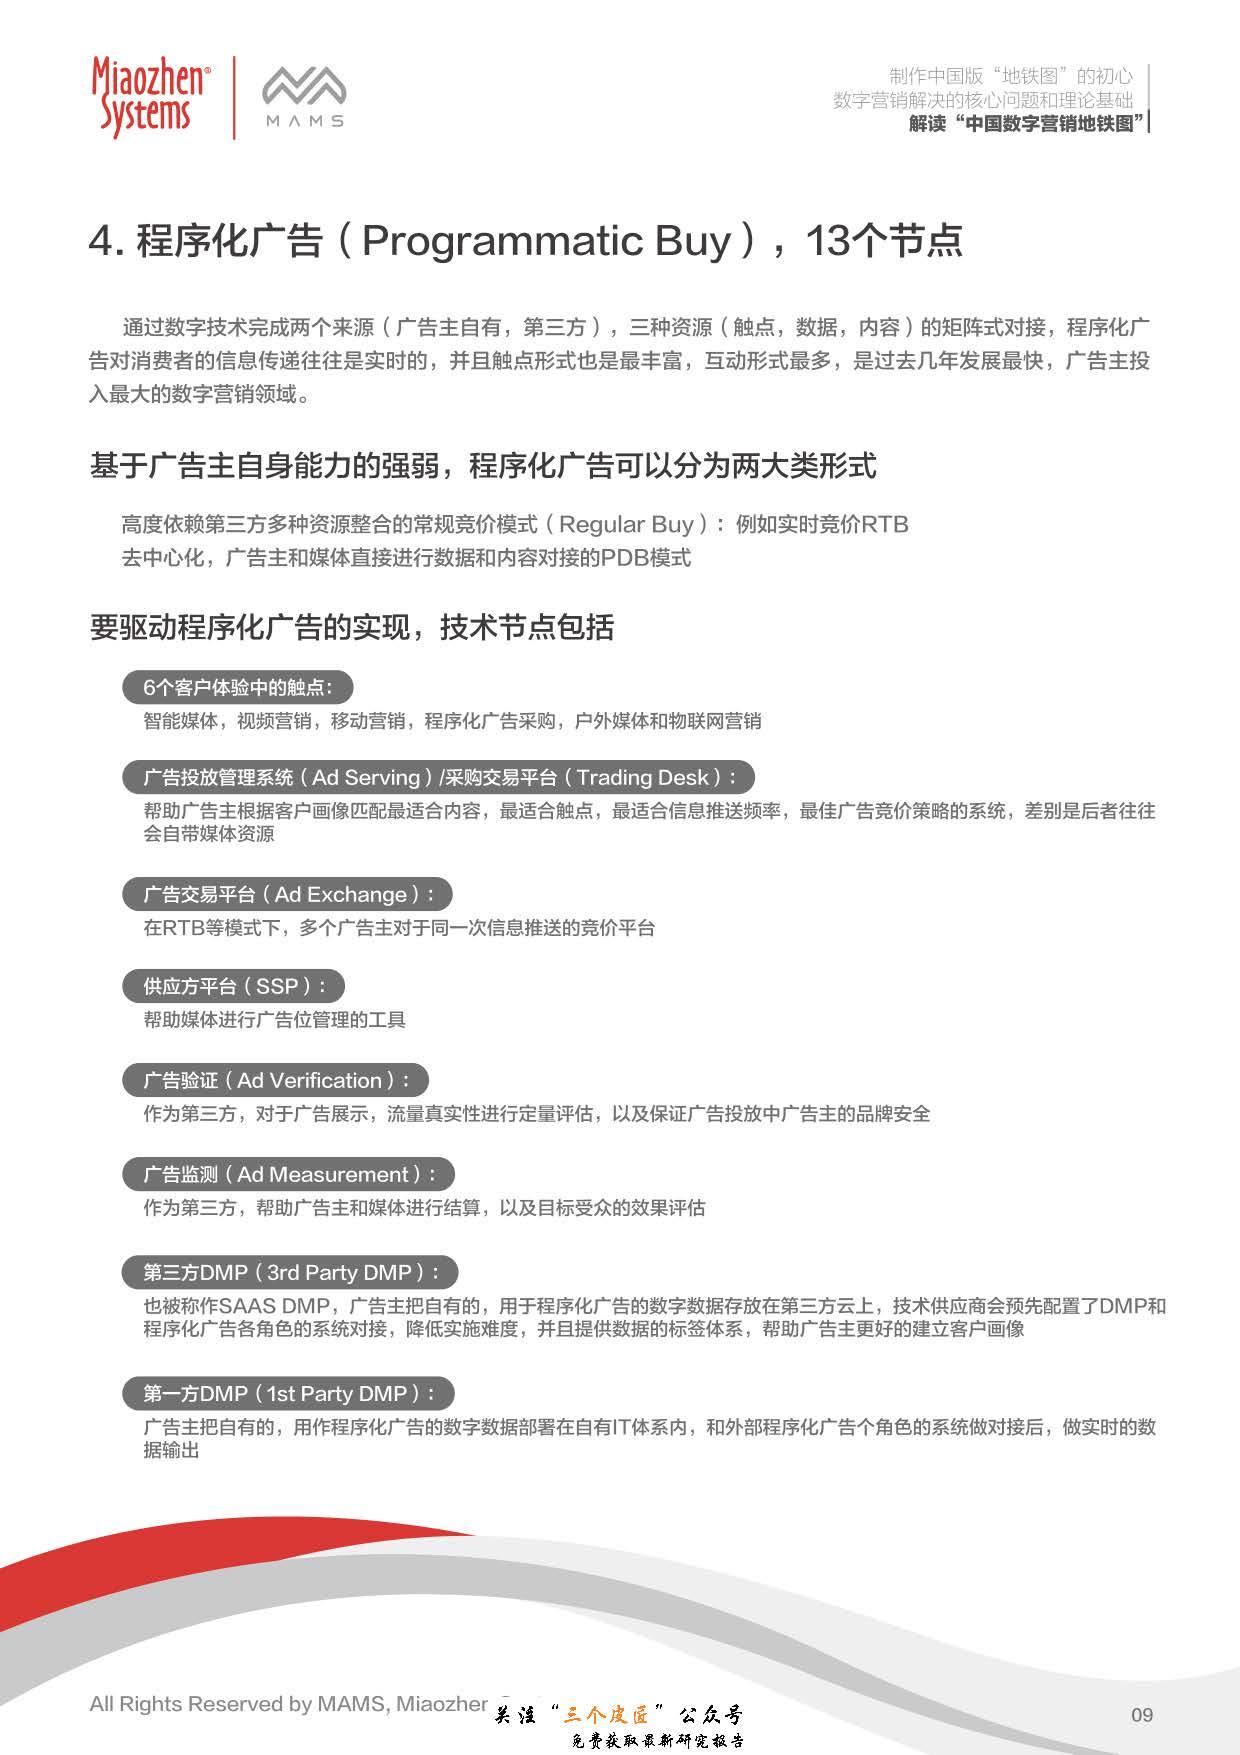 秒针:解读中国数字营销地铁图(28页)_页面_10.jpg